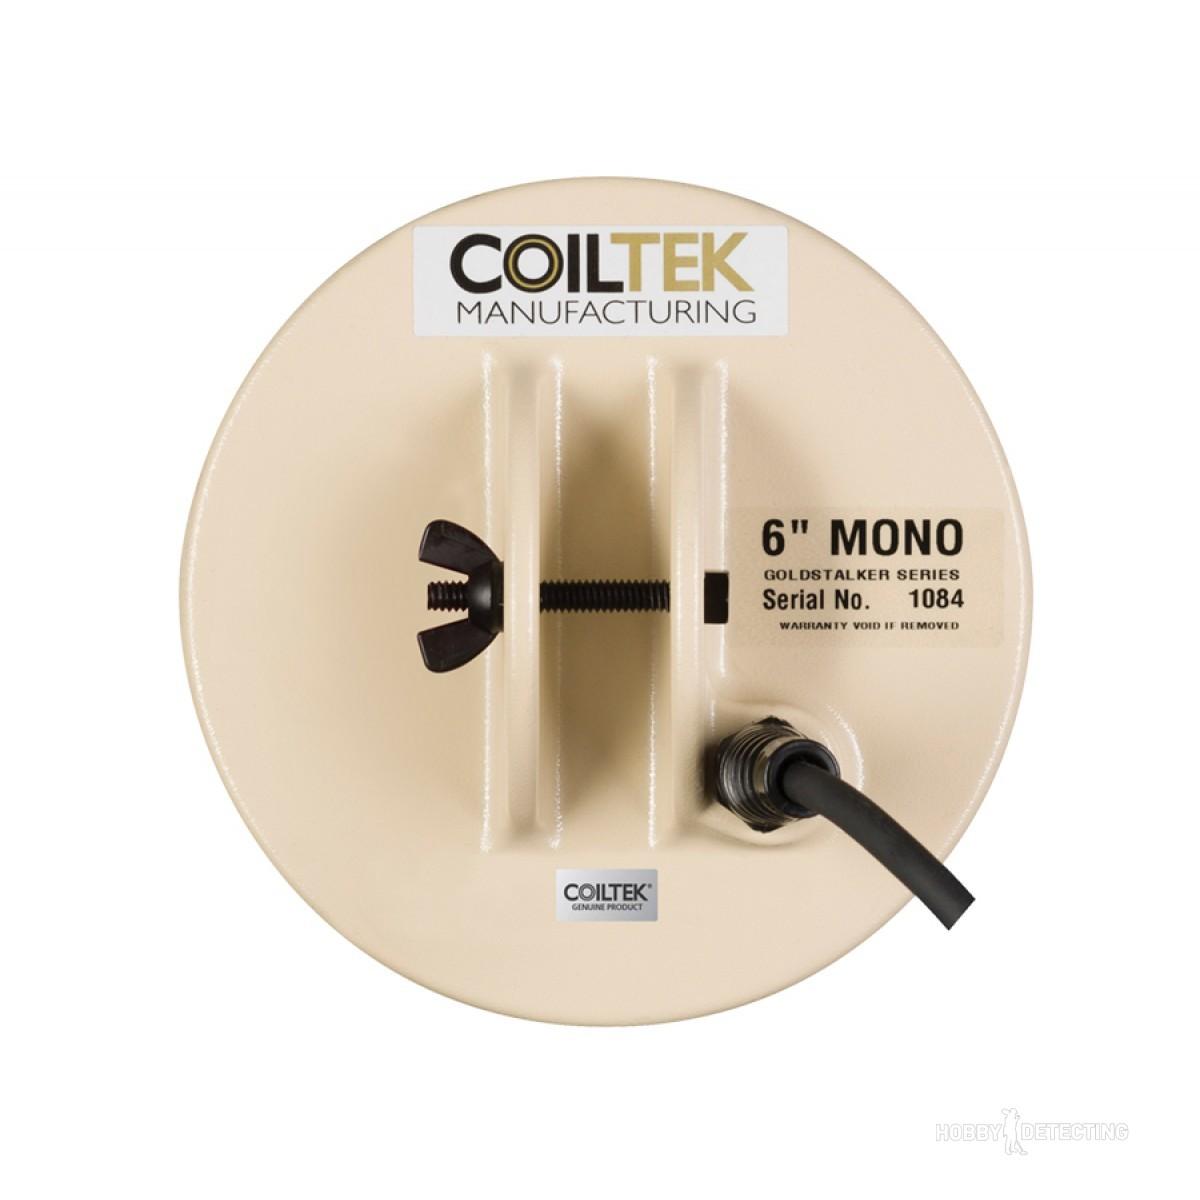 Coiltek 6 Mono Goldstalker Coil